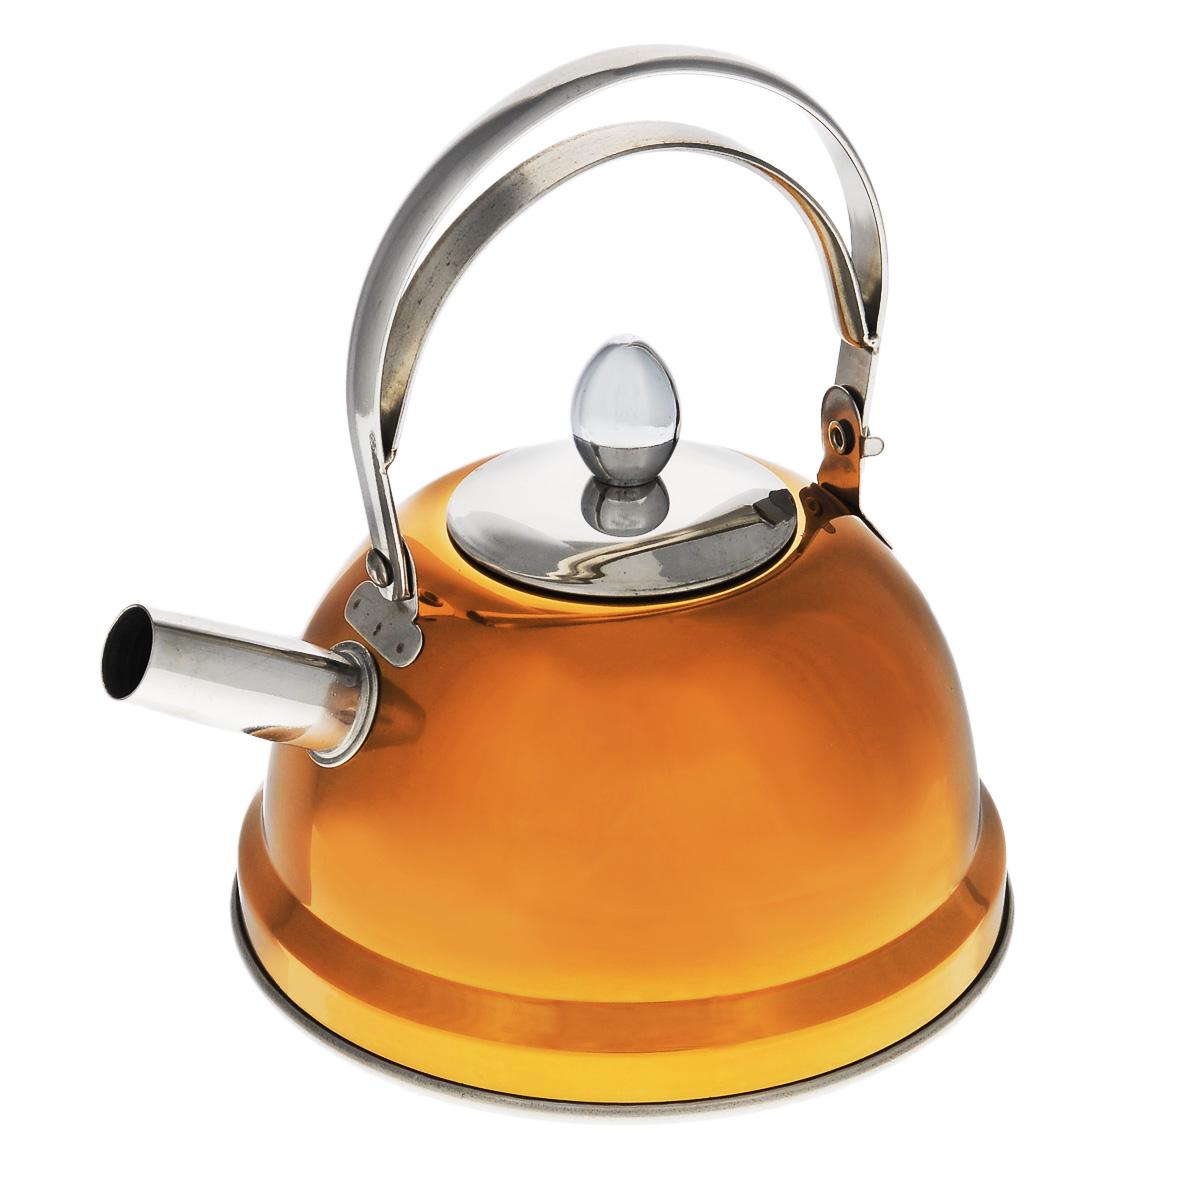 Чайник заварочный Bekker De Luxe, с ситечком, цвет: оранжевый 0,8 л. BK-S430115510Чайник Bekker De Luxe выполнен из высококачественной нержавеющей стали, что обеспечивает долговечность использования. Внешнее цветное зеркальное покрытие придает приятный внешний вид. Капсулированное дно распределяет тепло по всей поверхности, что позволяет чайнику быстро закипать. Эргономичная подвижная ручка выполнена из нержавеющей стали. Чайник снабжен ситечком для заваривания. Можно мыть в посудомоечной машине. Пригоден для всех видов плит, включая индукционные. Диаметр (по верхнему краю): 5 см.Высота чайника (без учета крышки и ручки): 8 см.Высота чайника (с учетом ручки): 17,5 см.Диаметр основания: 14 см. Толщина стенки: 0,5 мм.Высота ситечка: 5,5 см.